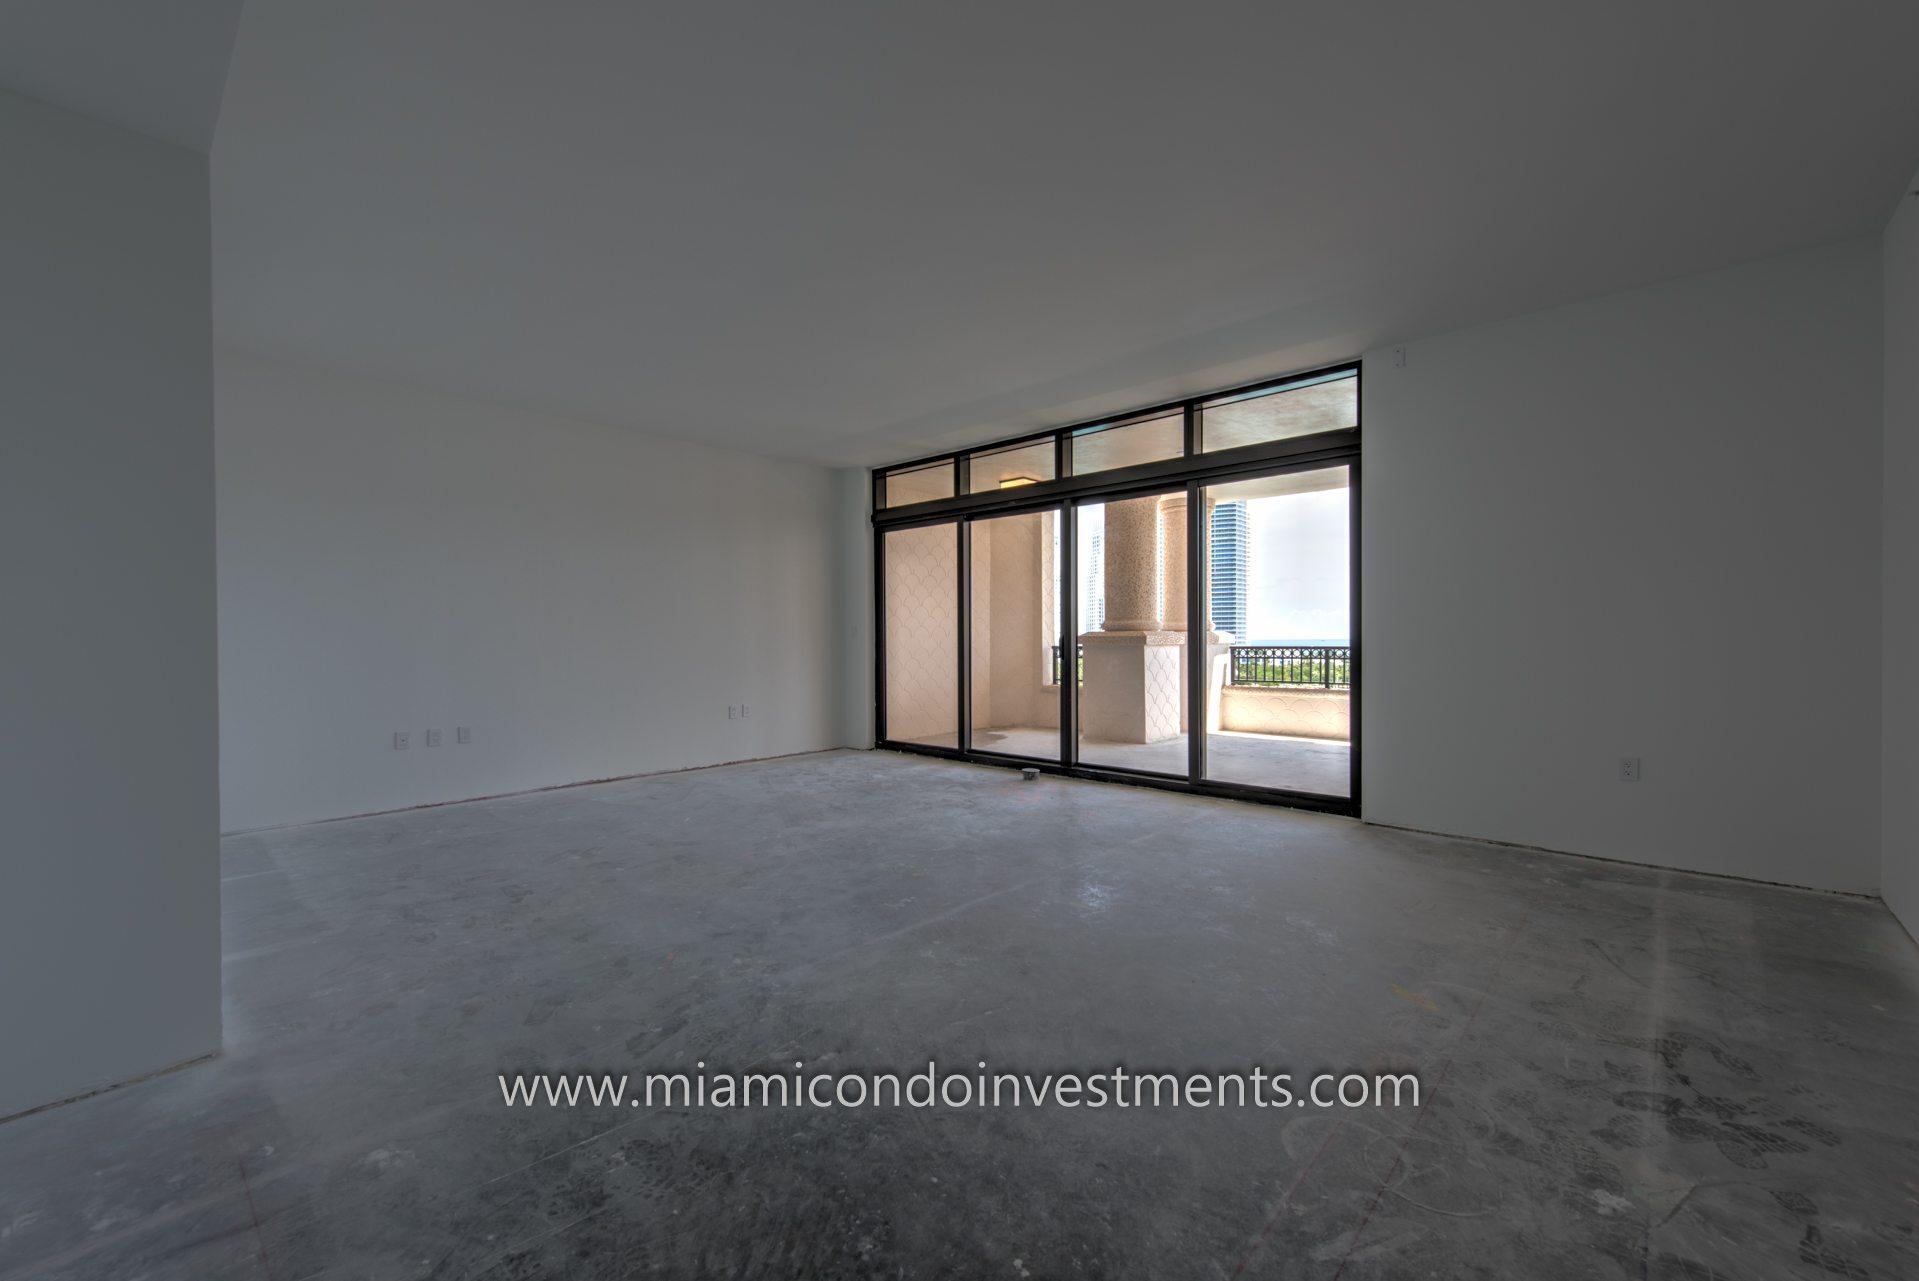 Palazzo Del Sol master bedroom unit 7085